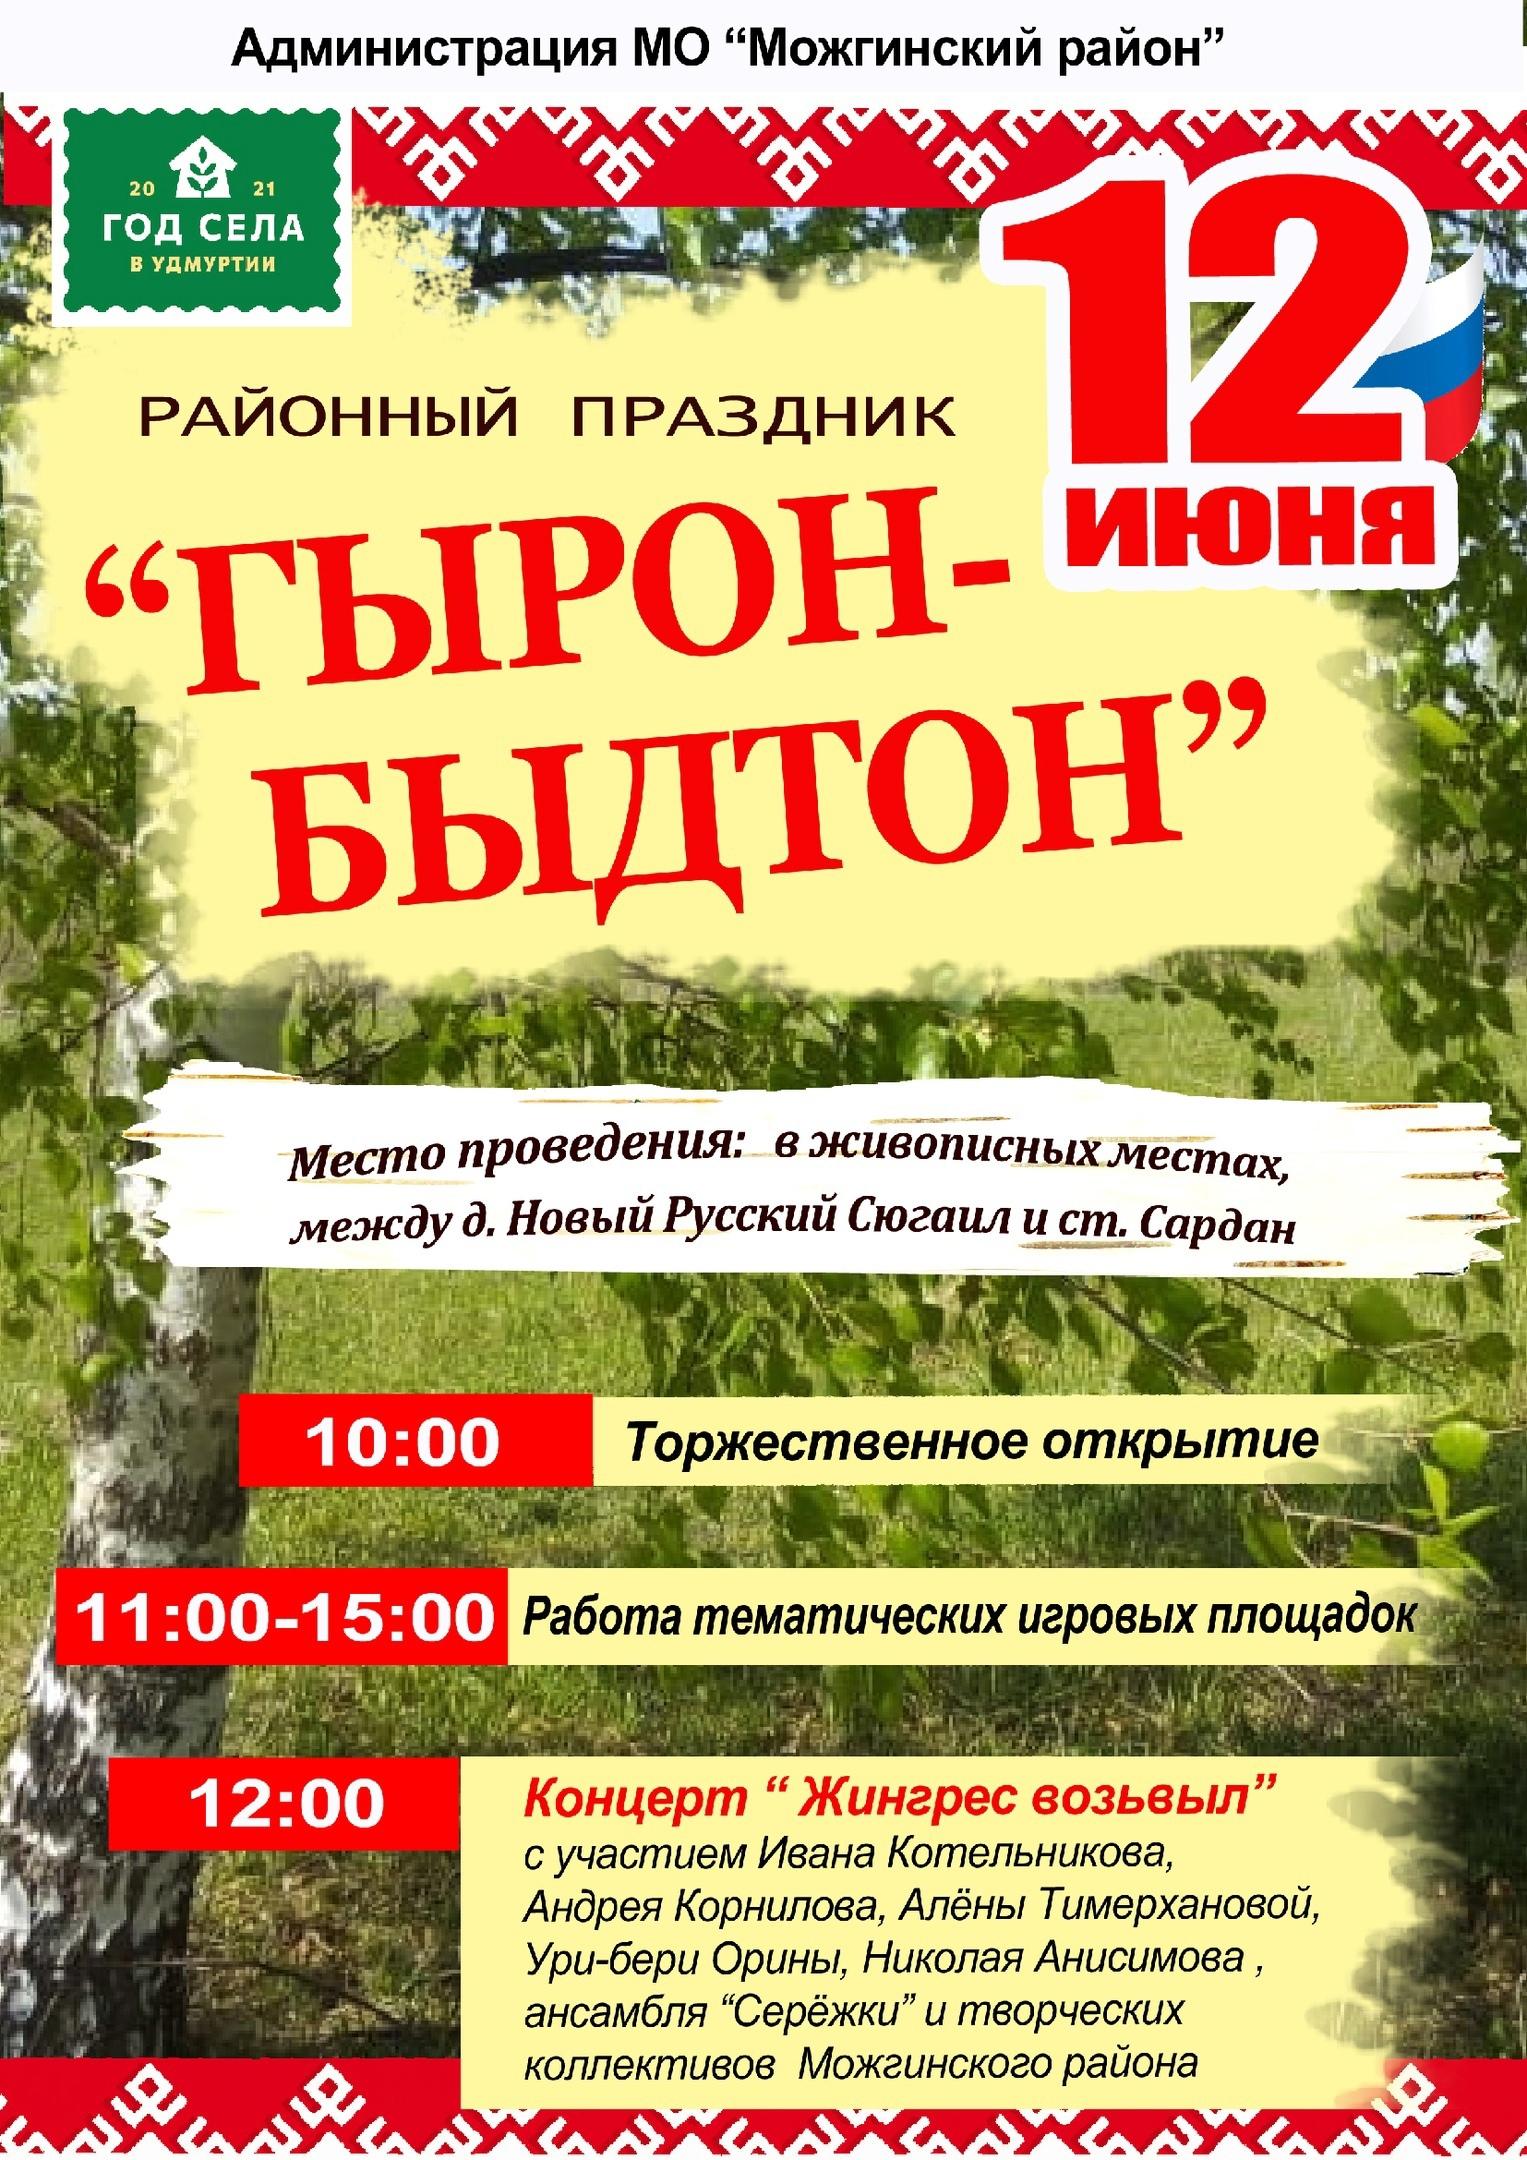 12 июня в Можгинском районе широкого отметят